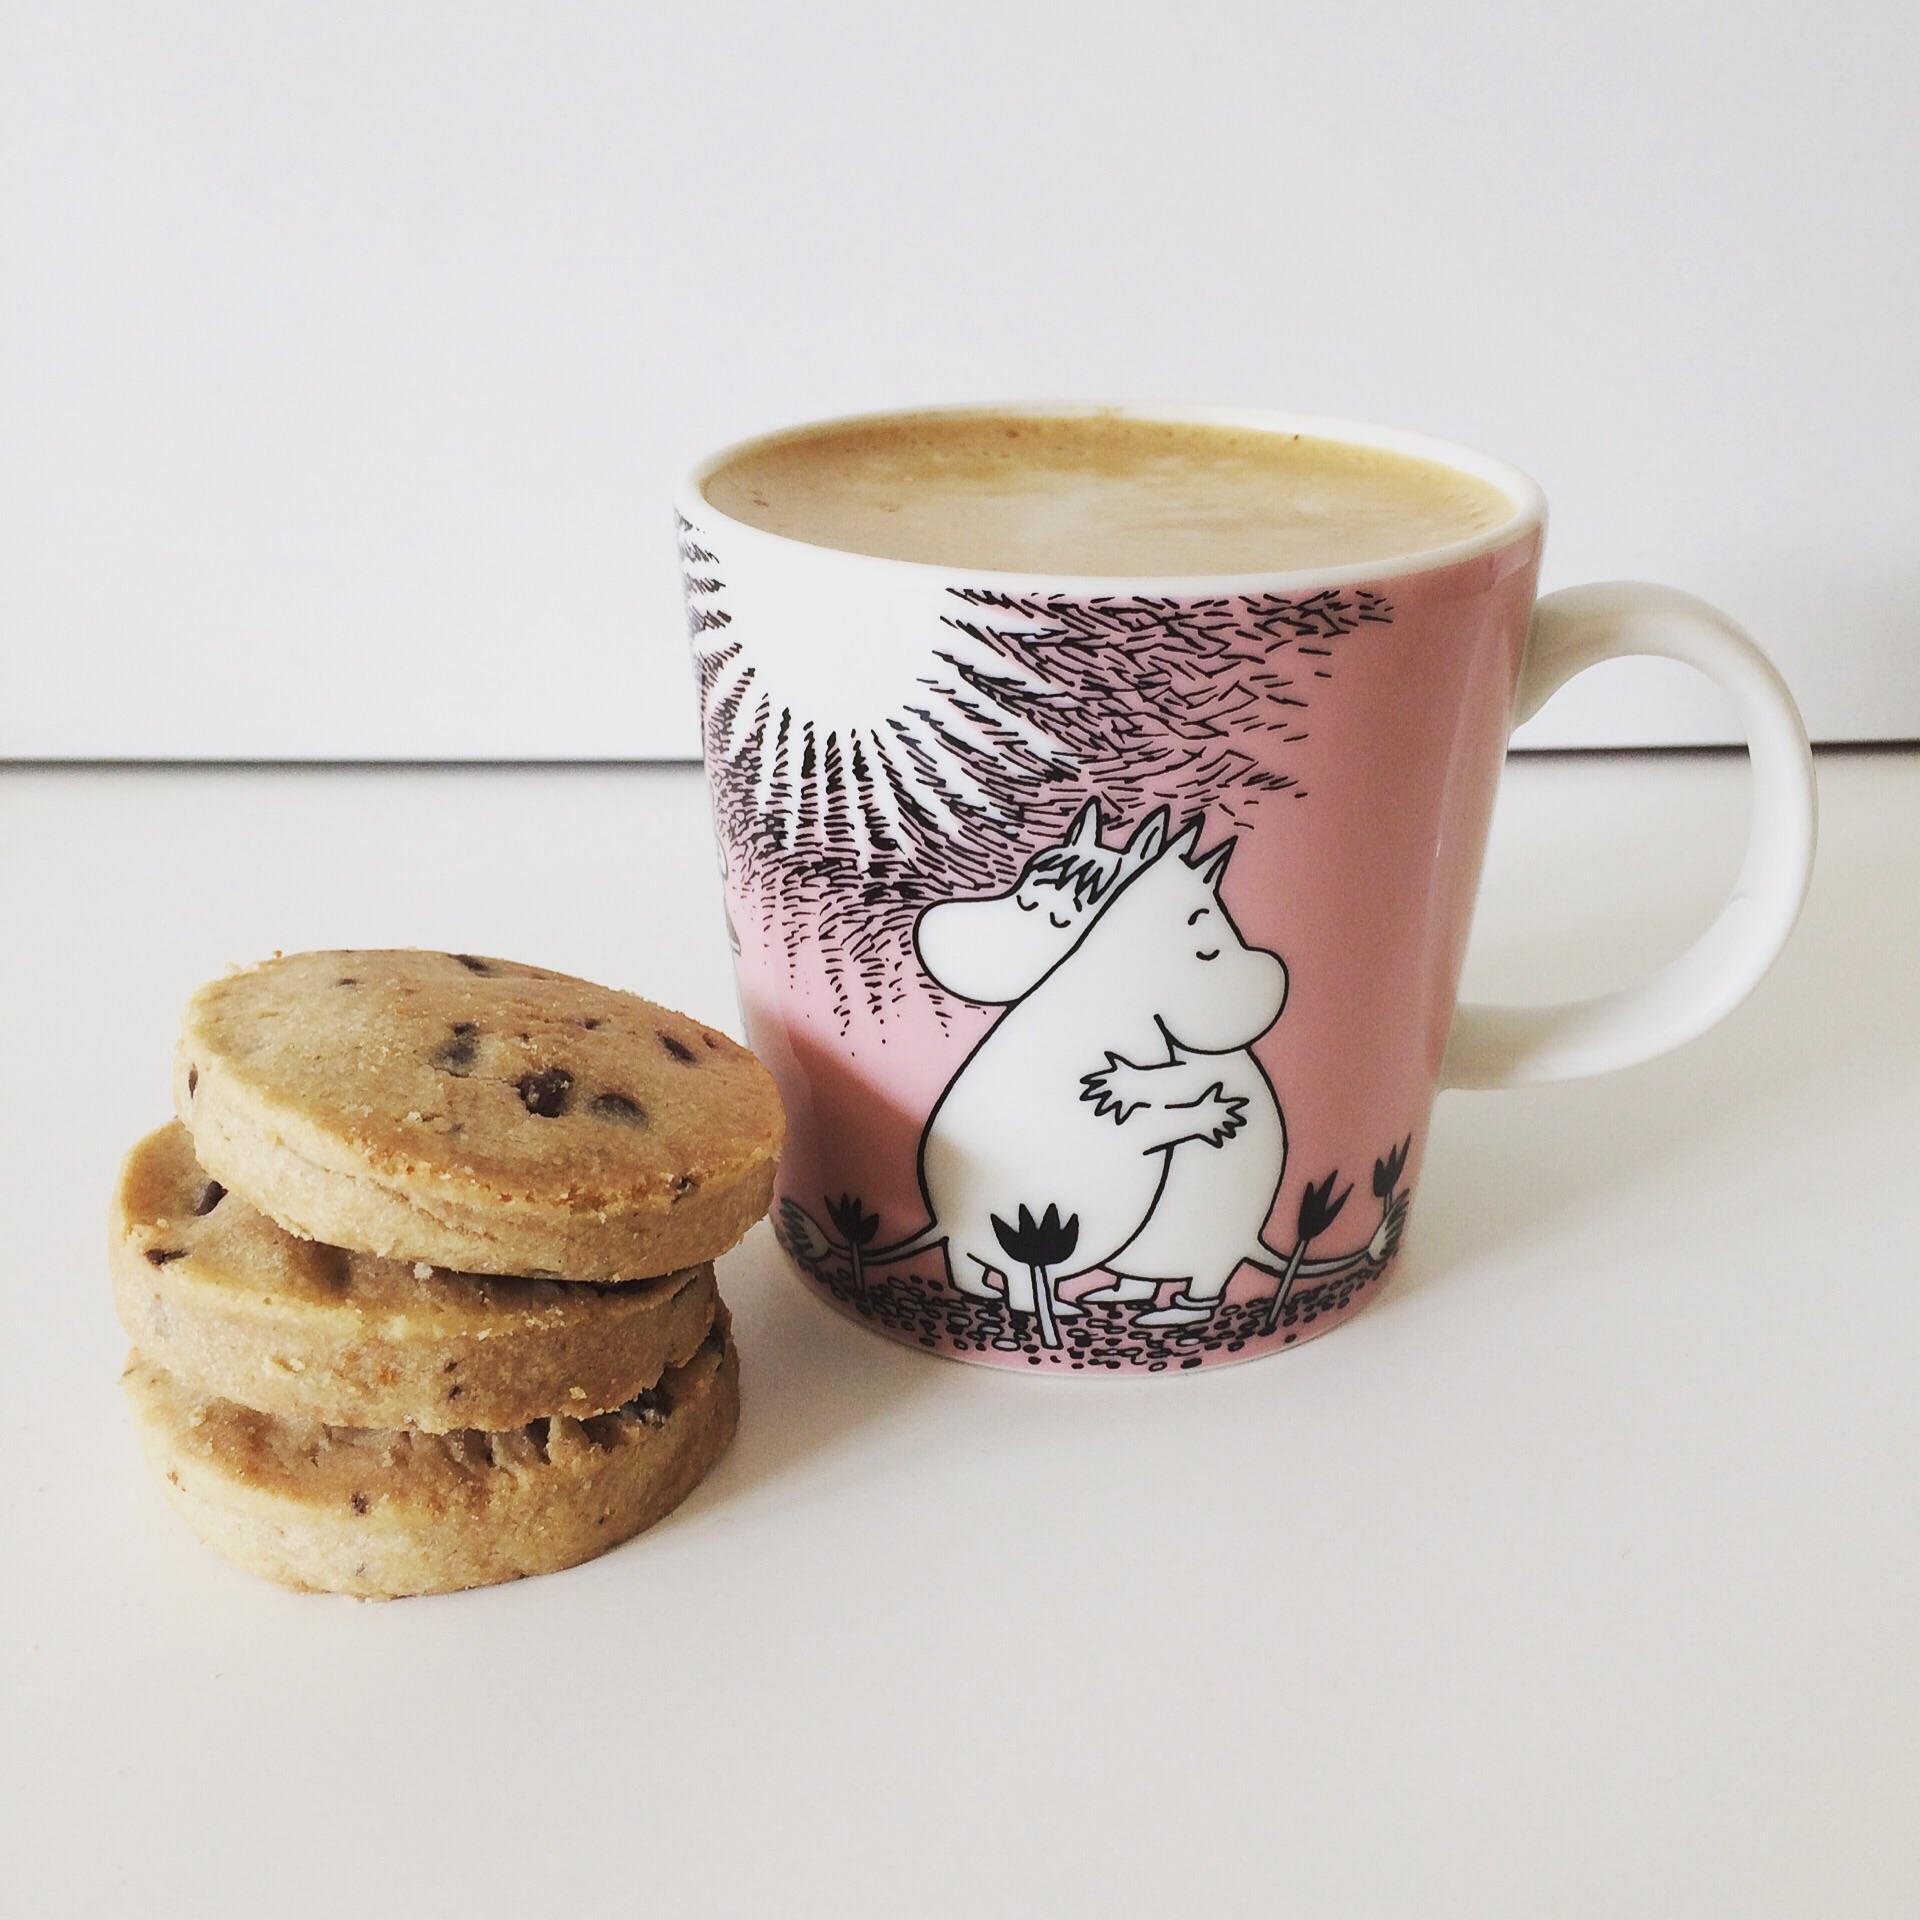 coffee break - Craftworks Baby